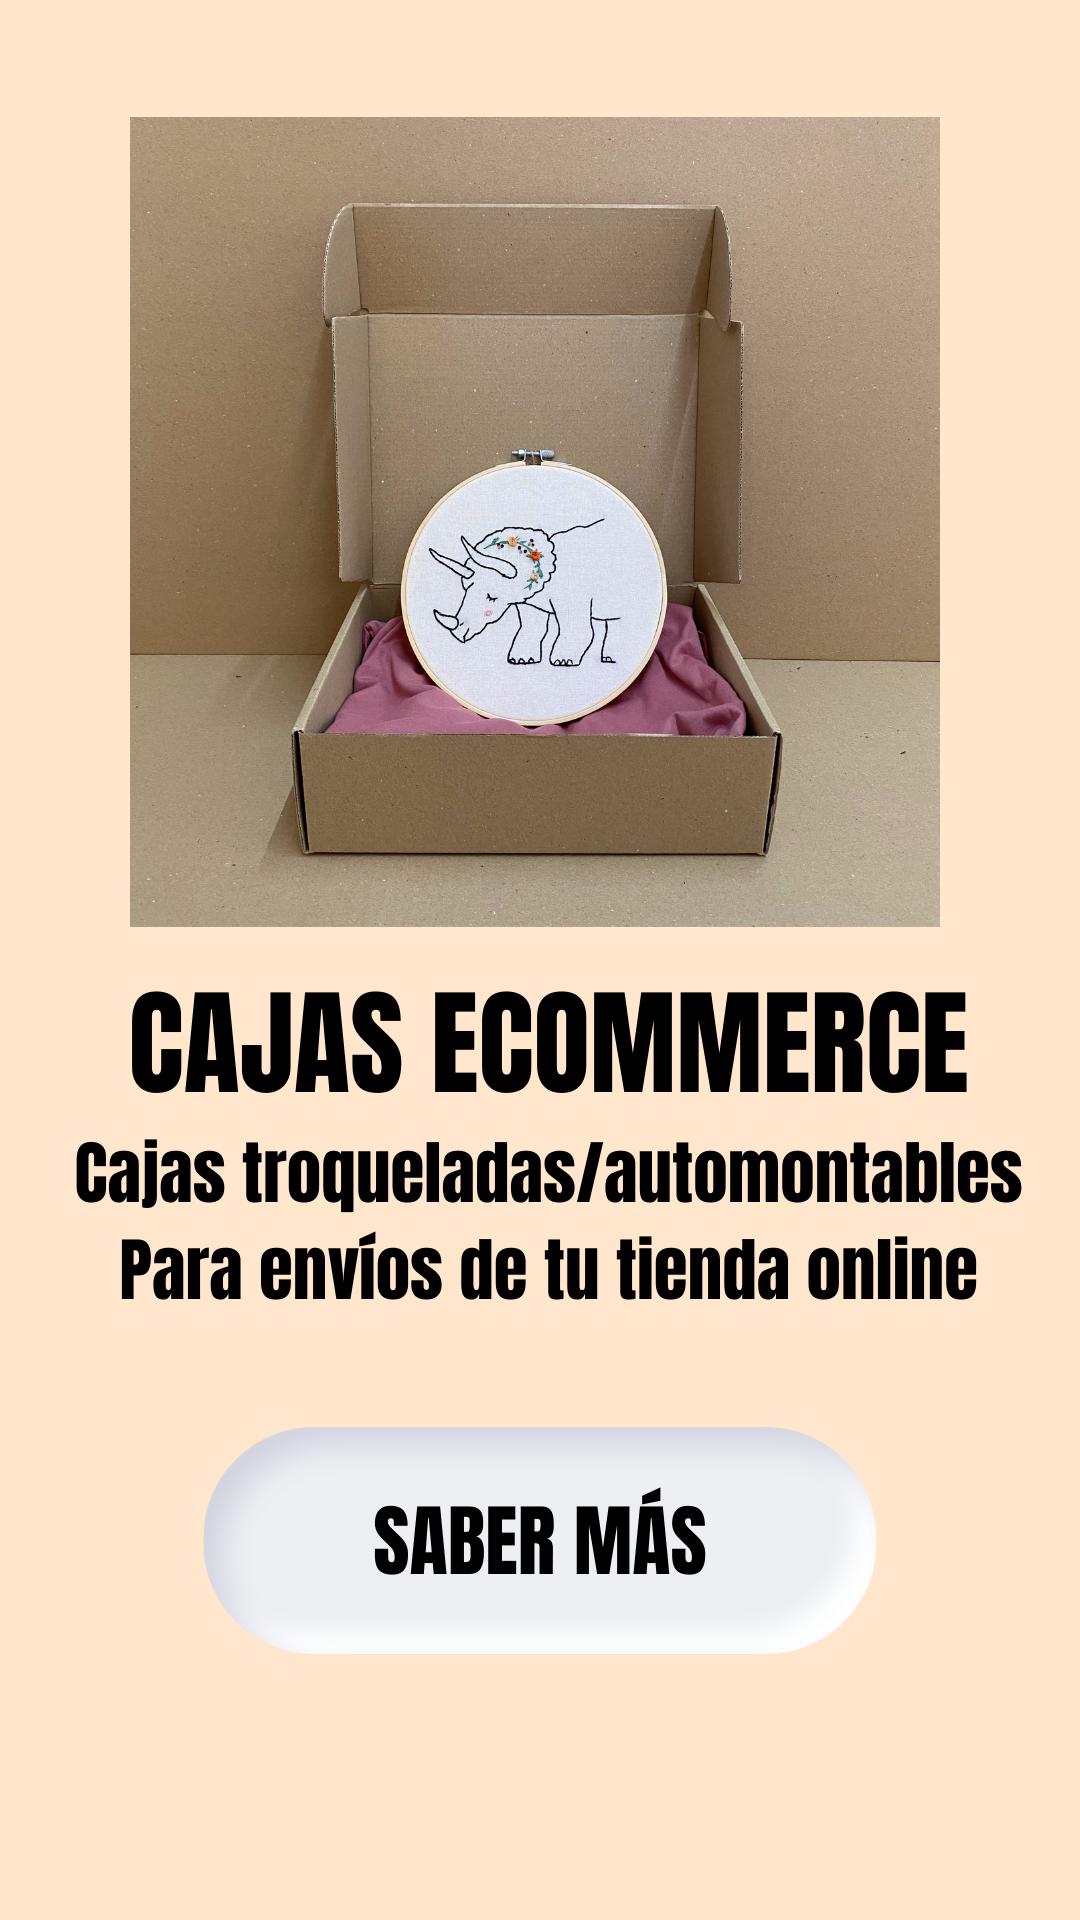 Cajas Ecommerce